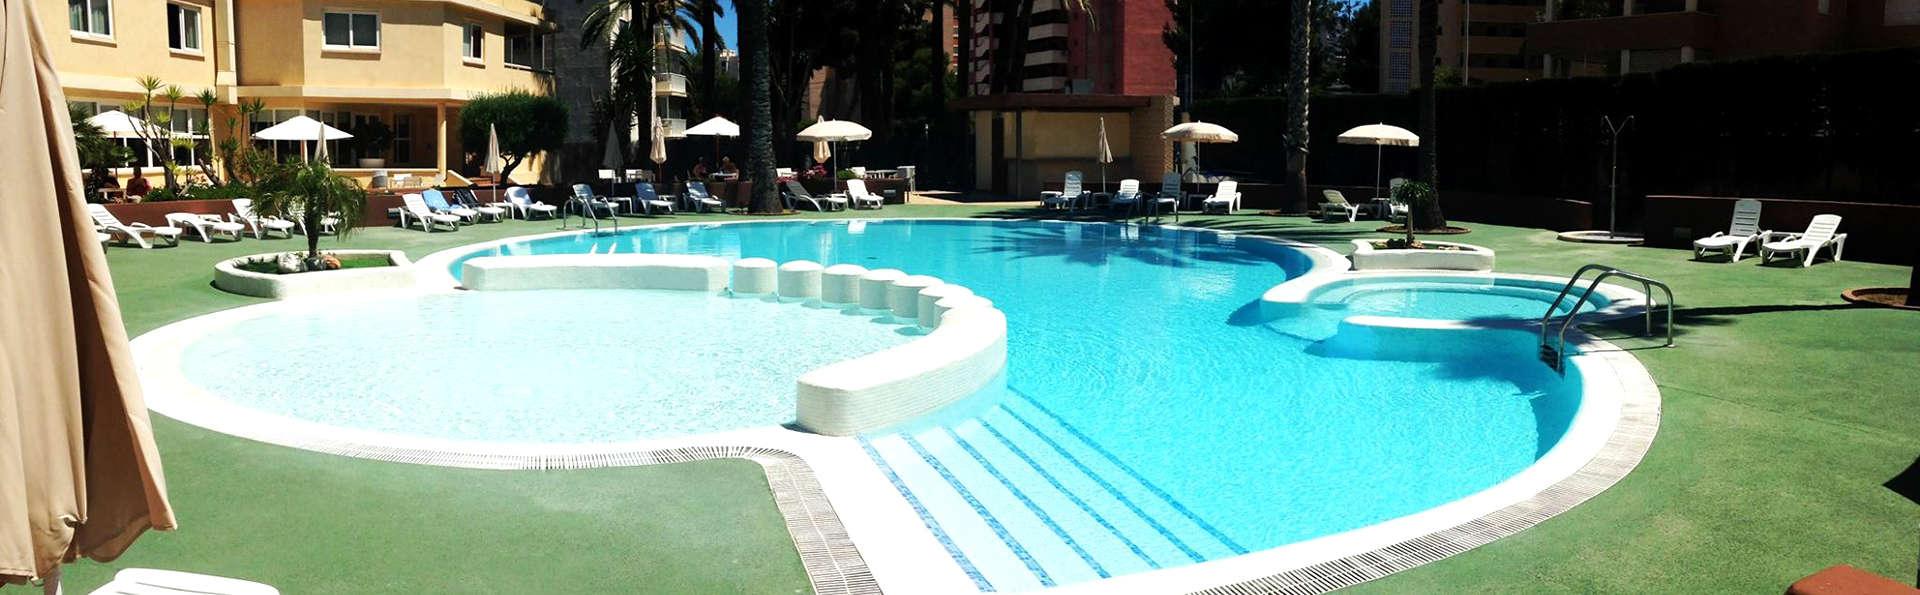 Deconnecte au pied de la plage de San Juan dans un hotel 4* avec piscine et petit déjeuner inclus